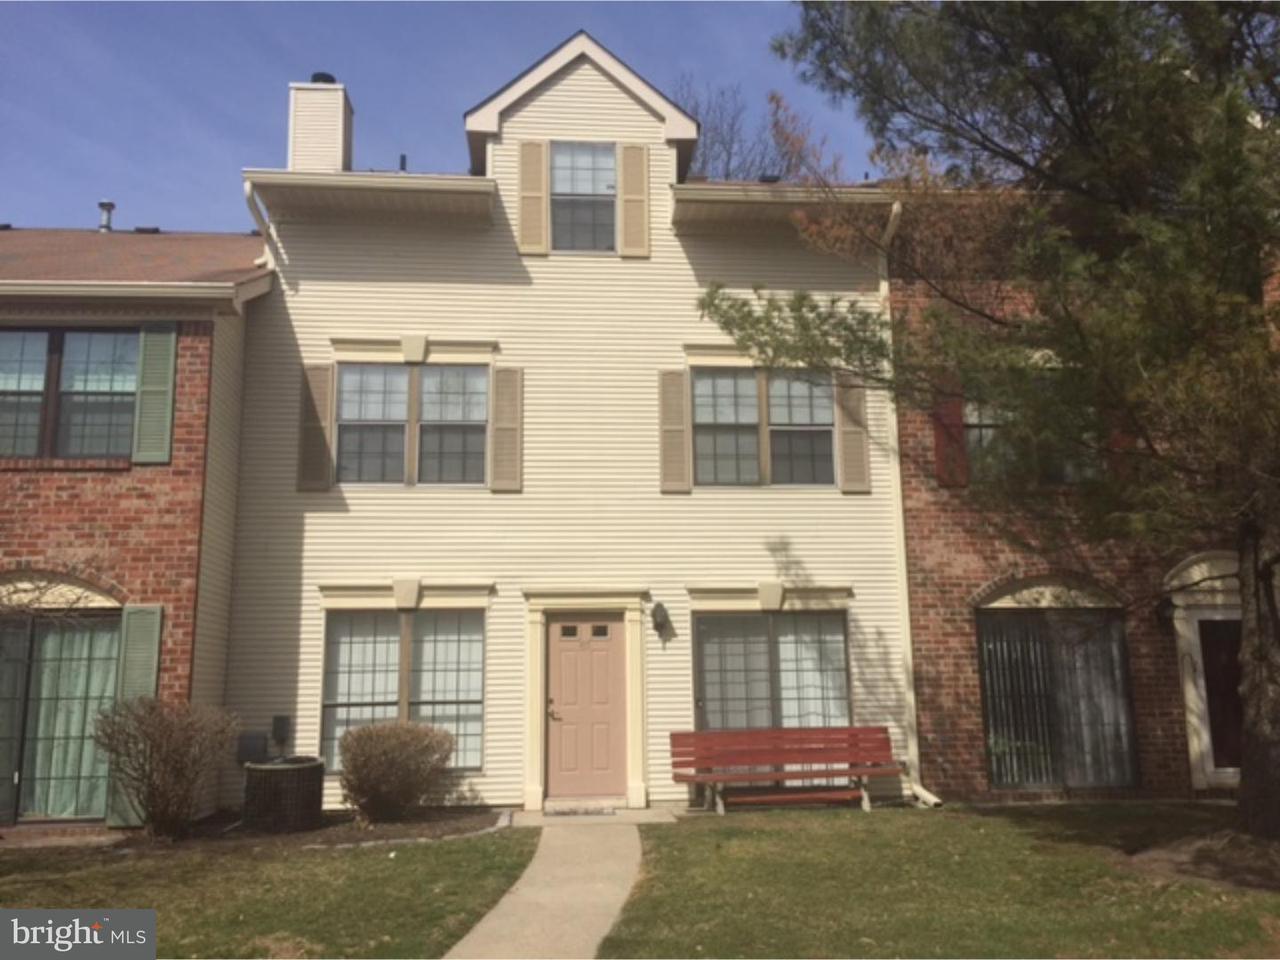 联栋屋 为 出租 在 67 DREWES Court 劳伦斯维尔, 新泽西州 08648 美国在/周边: Lawrence Township